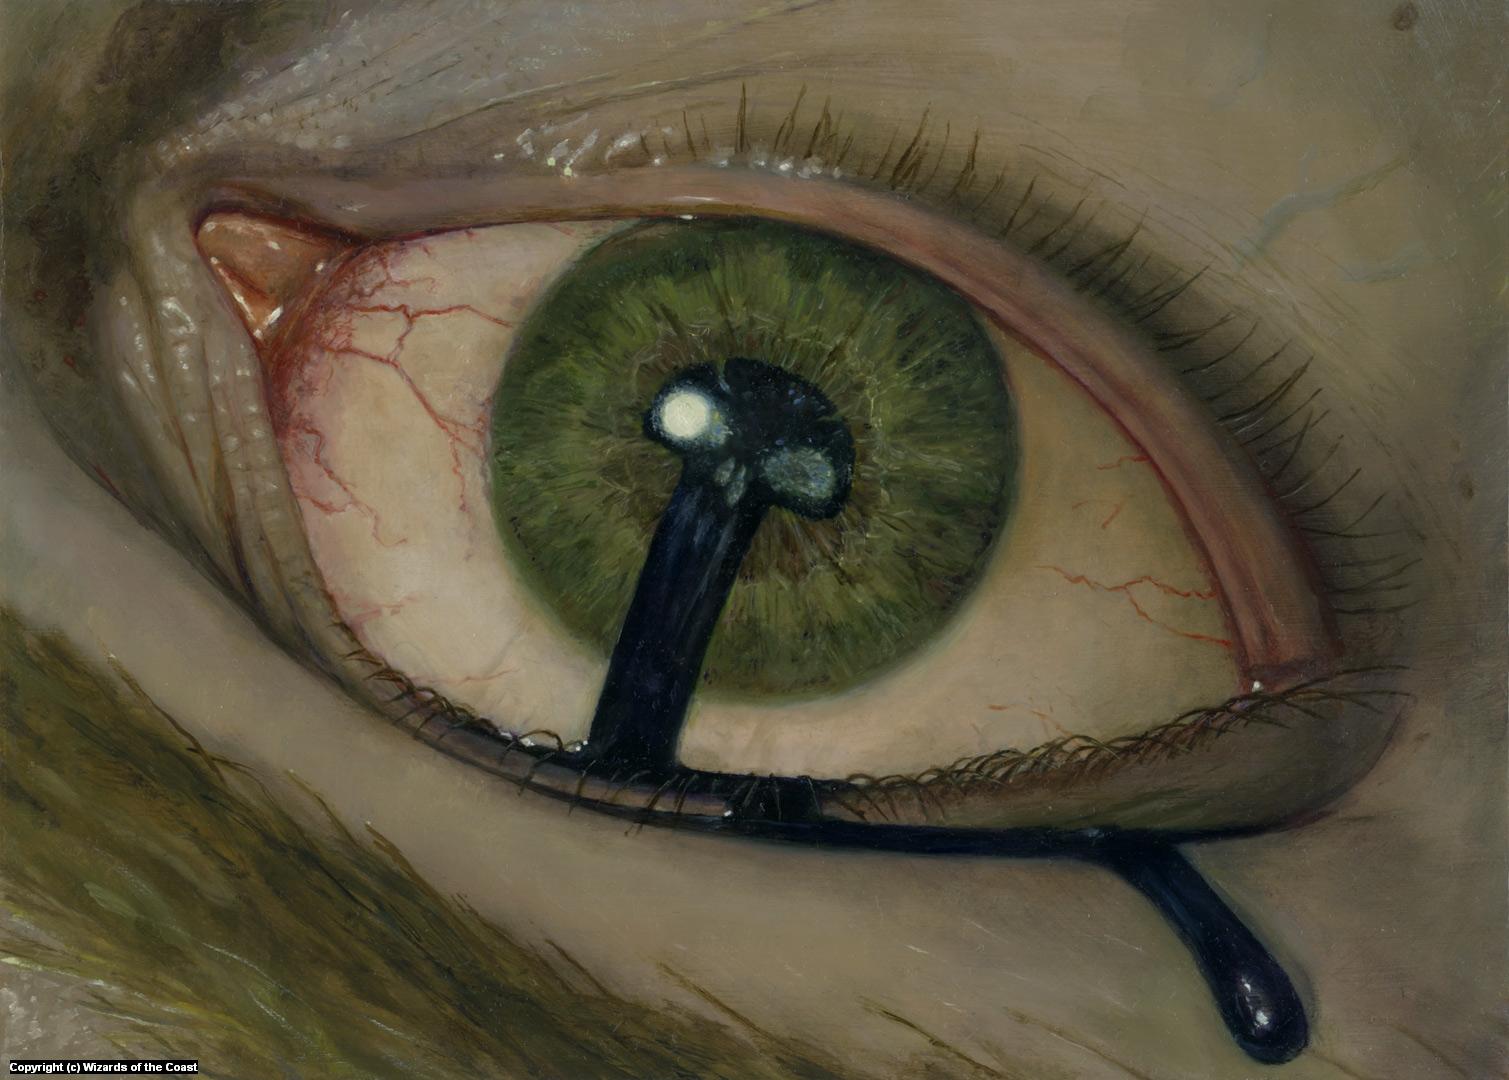 Deathmark Artwork by Steven Belledin